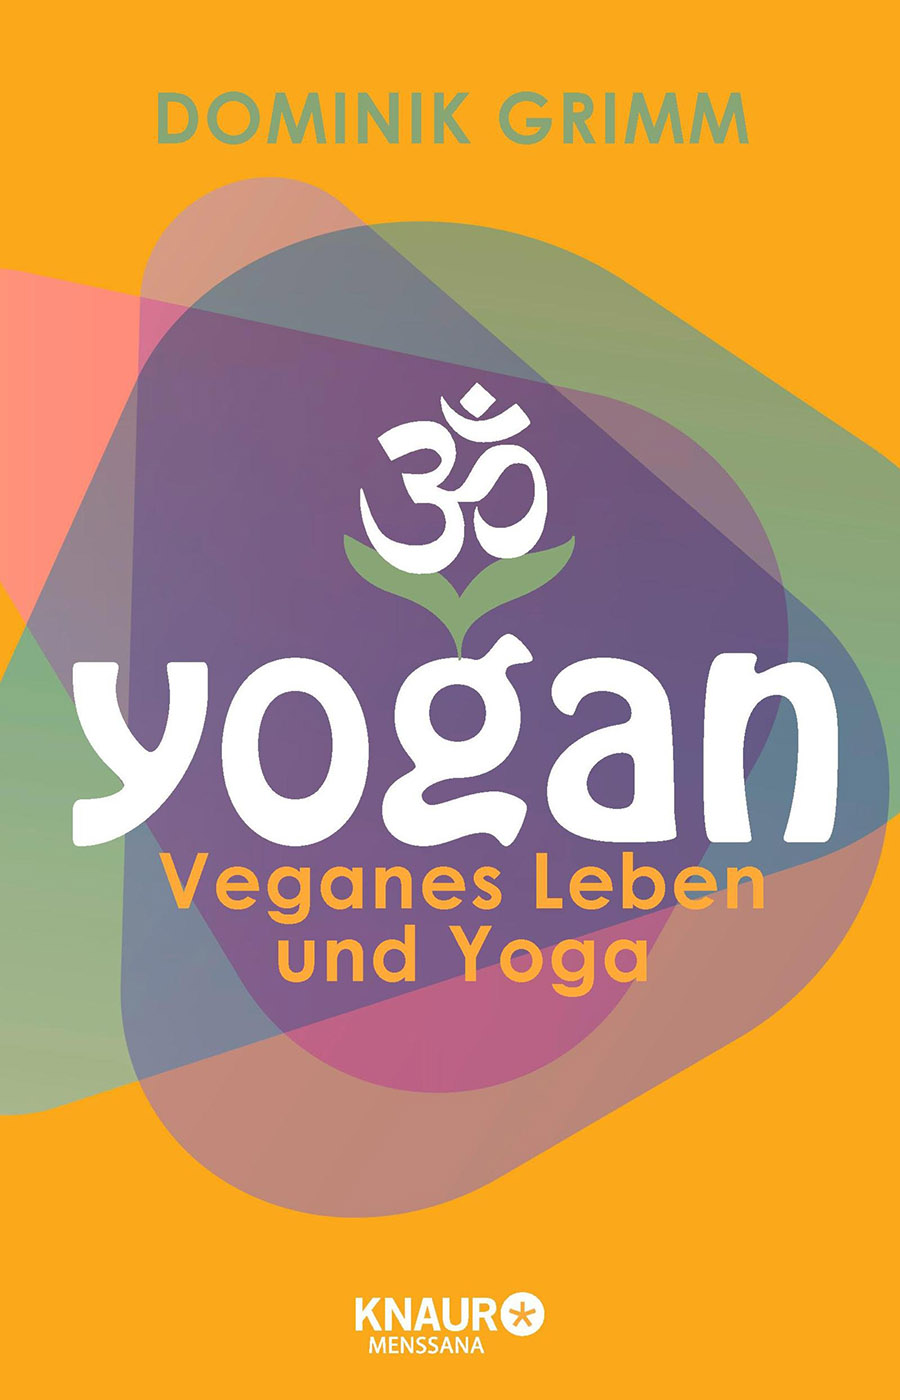 Yogan von Dominik Grimm